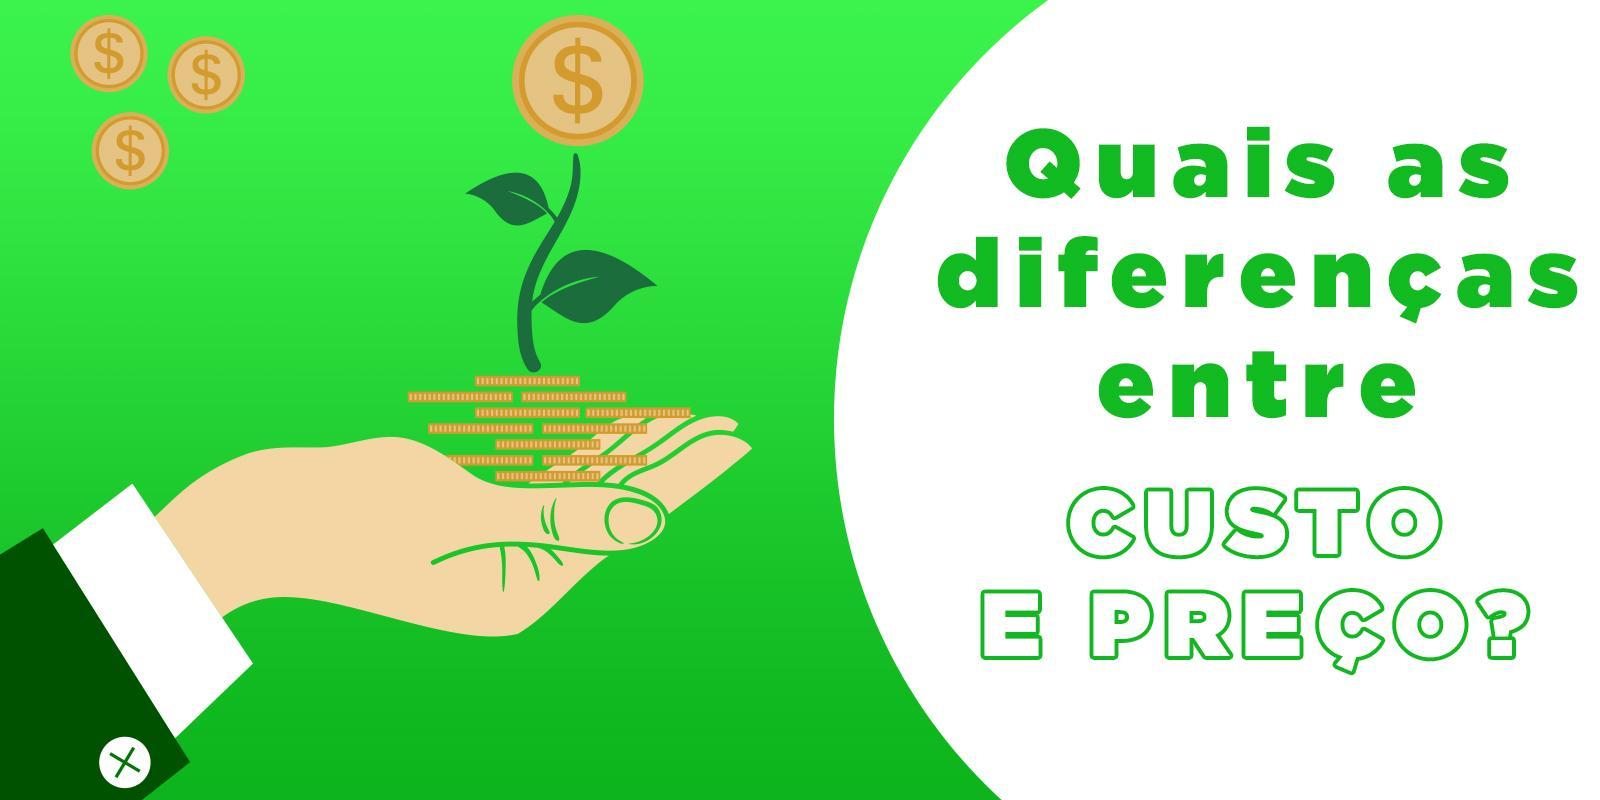 Quais as diferenças entre custo e preço?